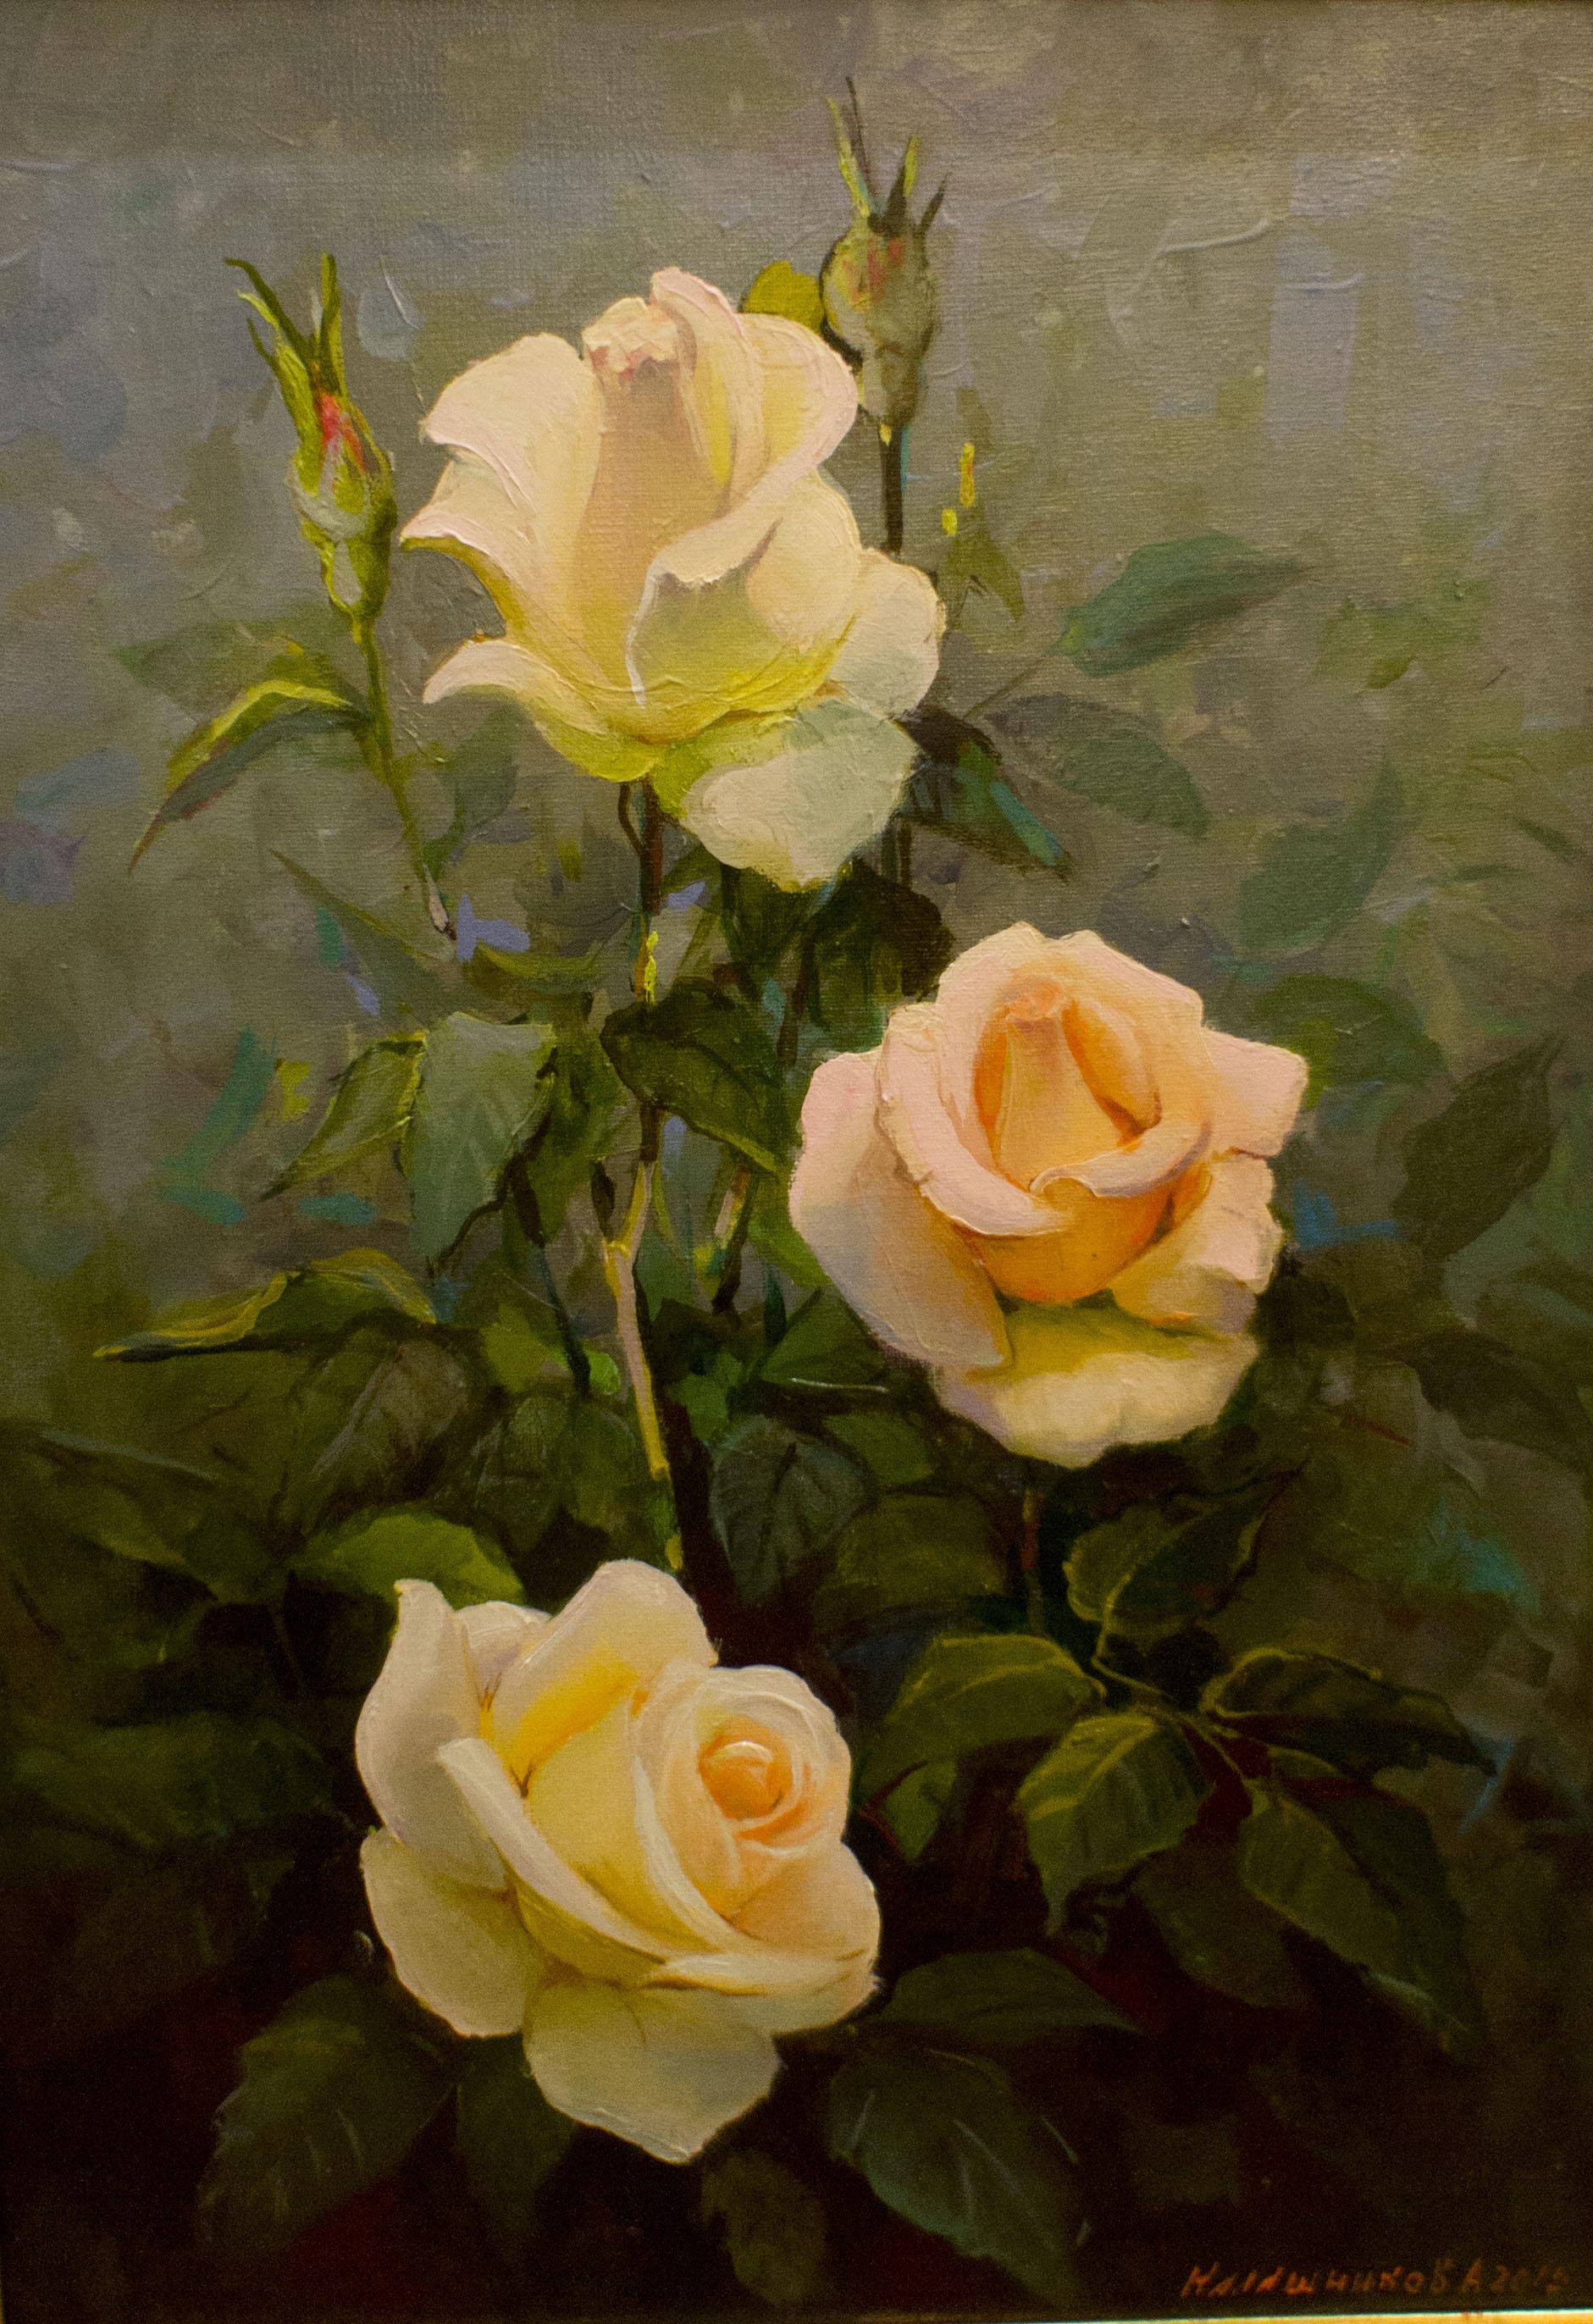 холст, масло, Живописная работа с изображением кремовых роз.